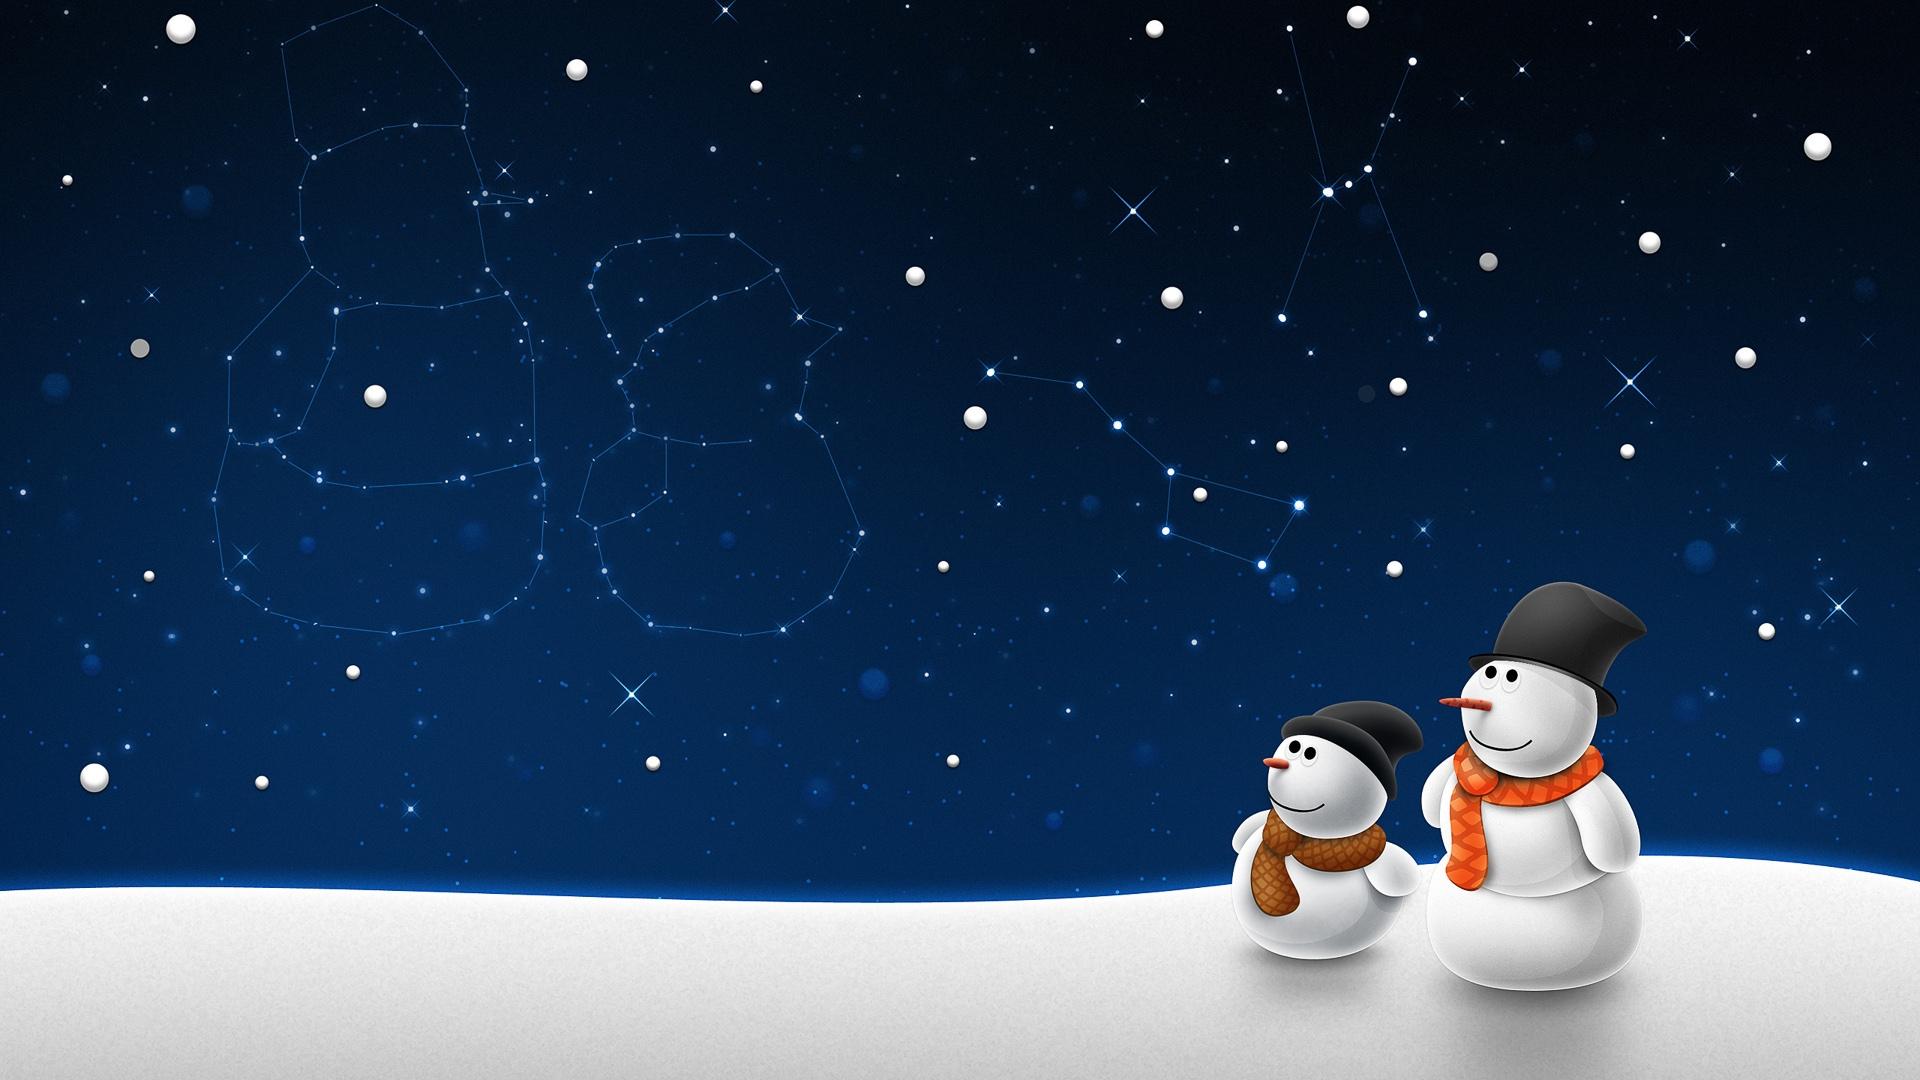 Hintergrundbilder : Illustration, Platz, Himmel, Schneemann, Neujahr ...